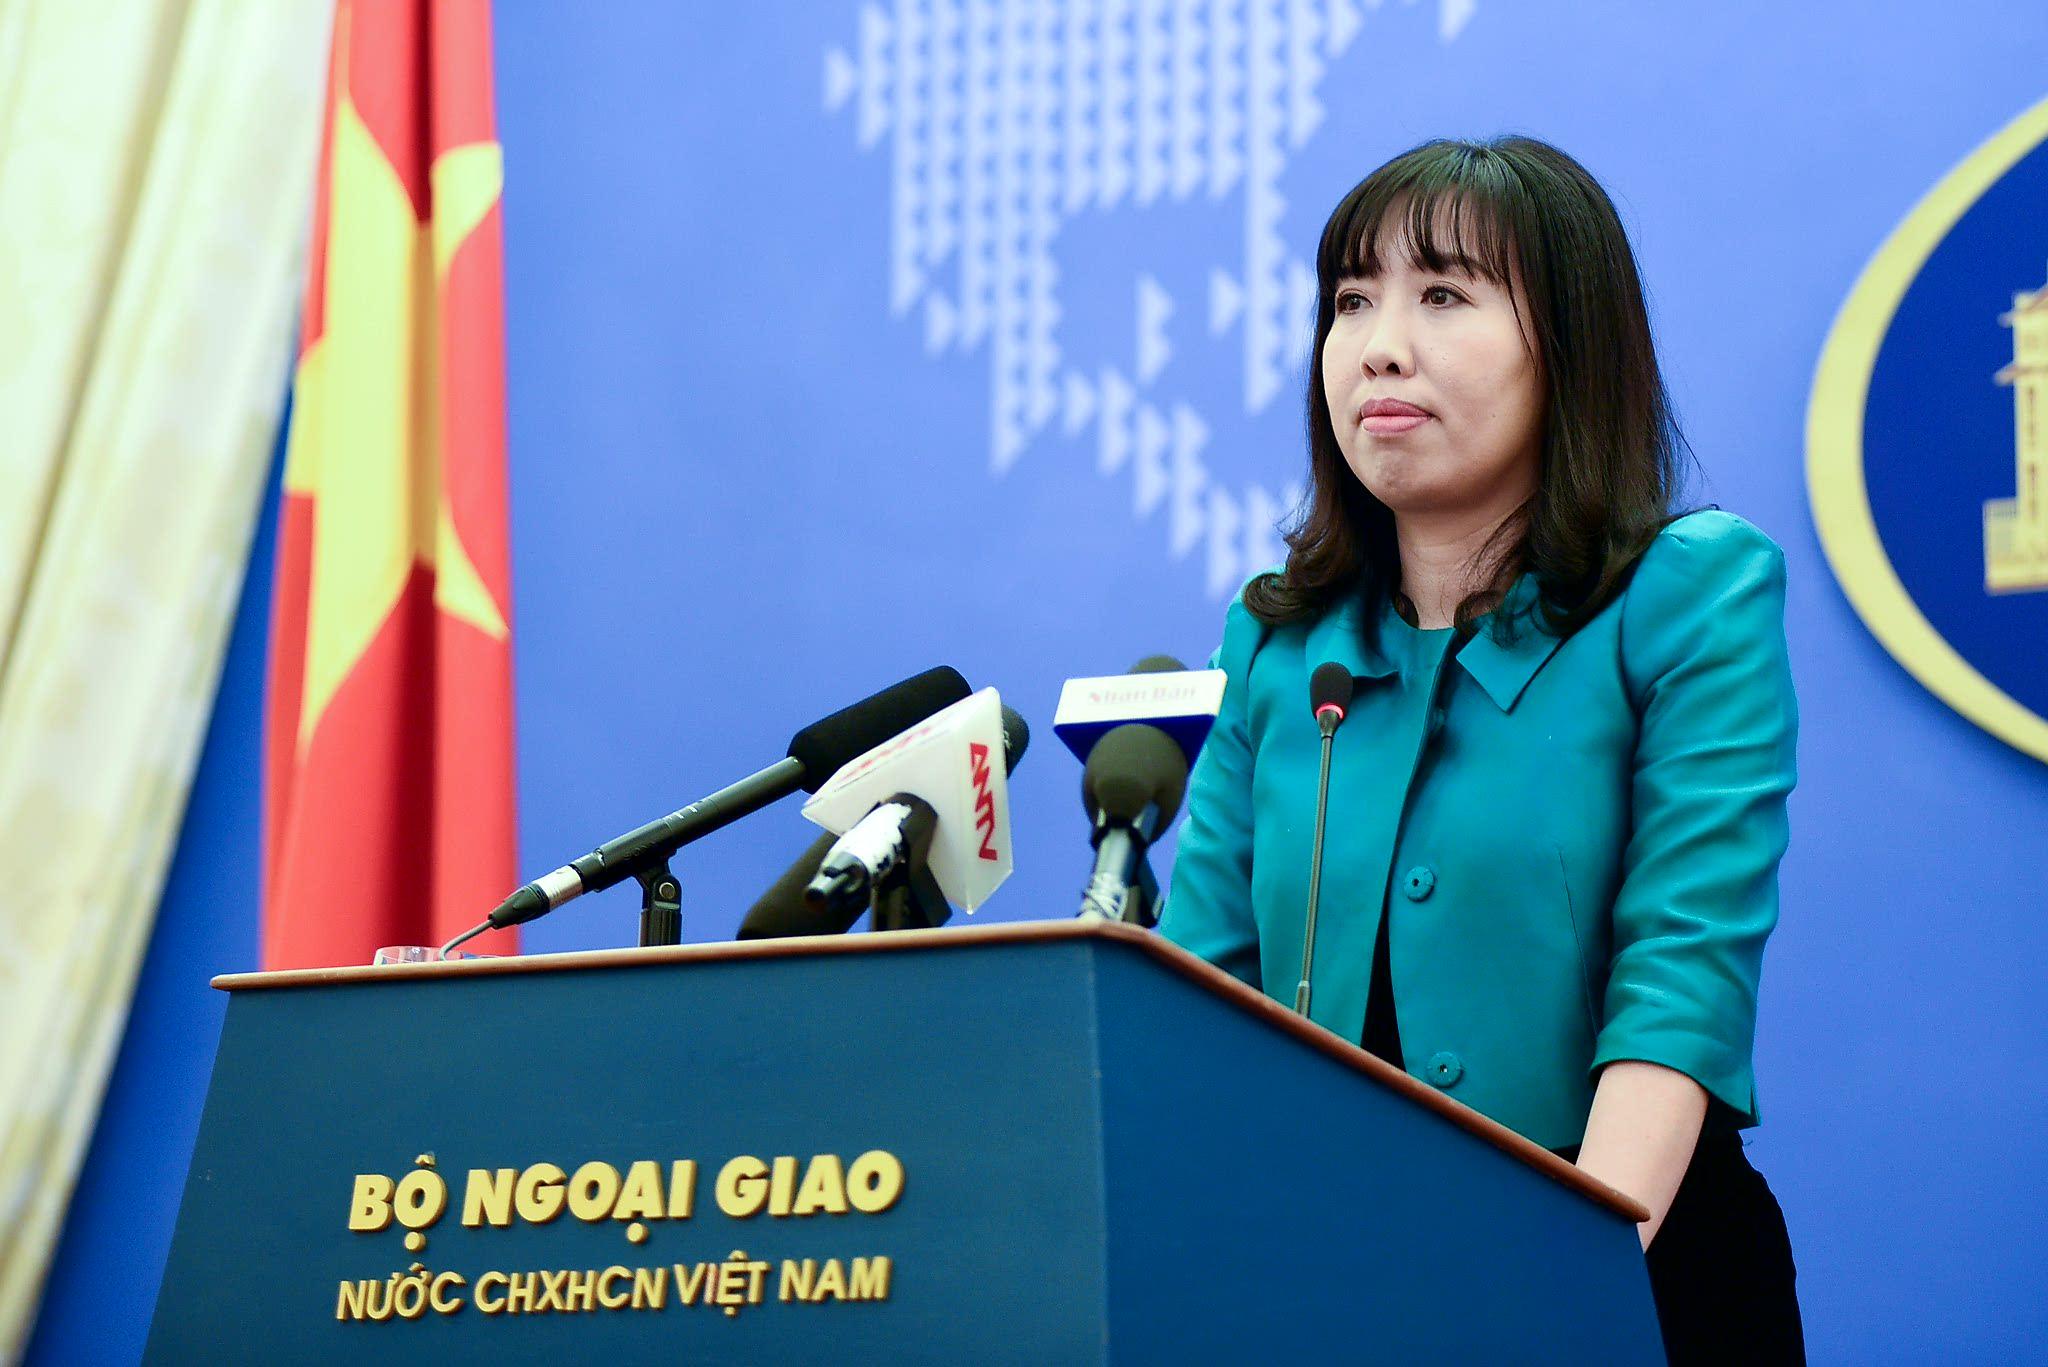 Người Phát ngôn Bộ Ngoại giao Việt Nam trả lời về hoạt động dầu khí ở Biển Đông